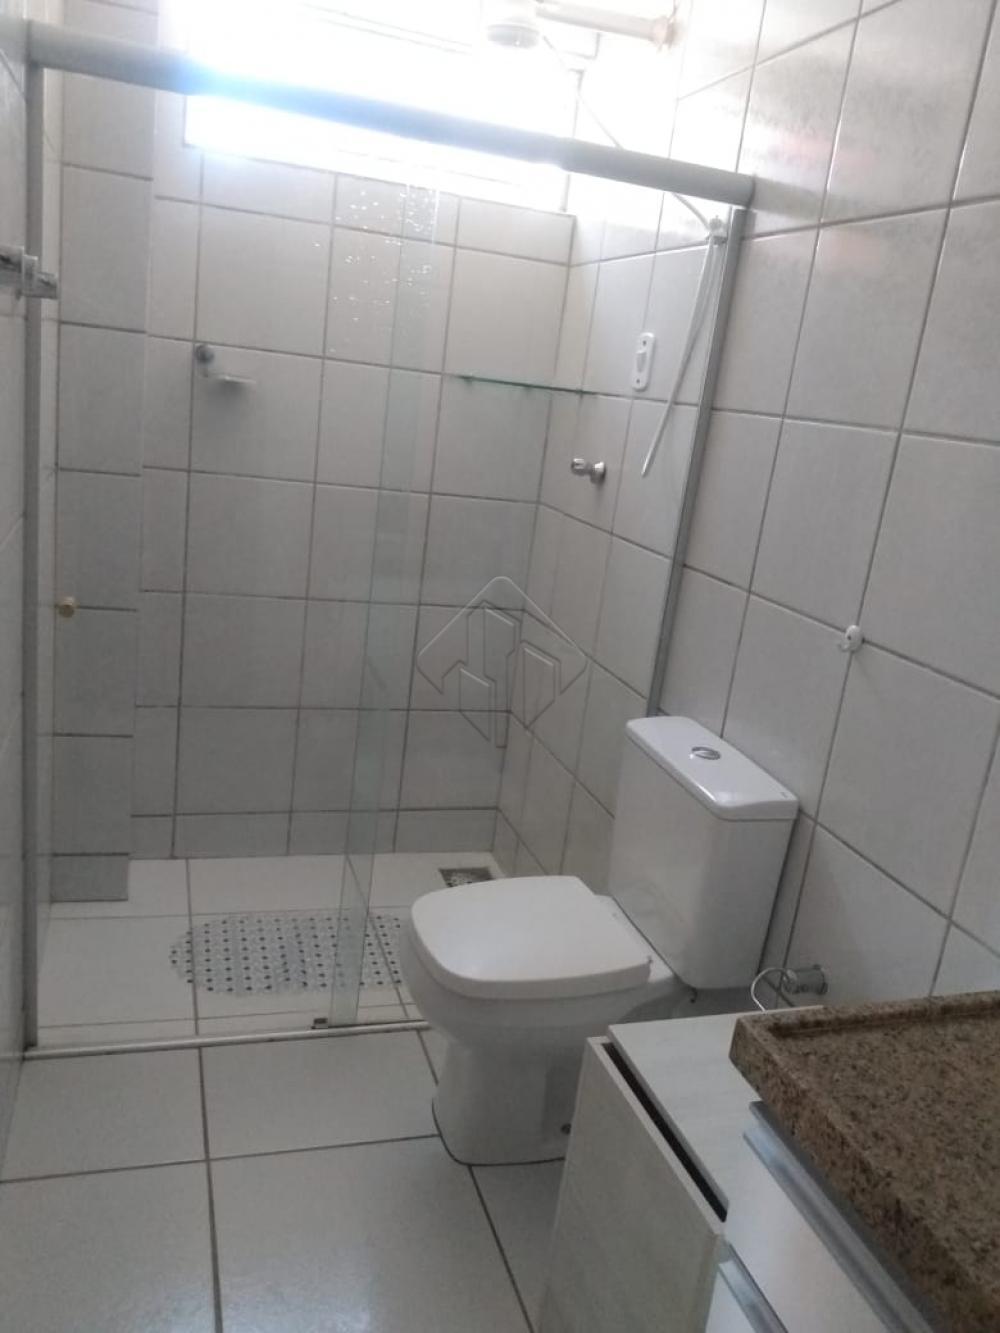 Apartamento de 94m com dois quartos, (sendo uma suite), sala de jantar, cozinha, banheiro. Sala de jantar grande, ótima para dois ambientes. Varanda ampla. Posição nascente sul(muito ventilado). A 200m da praia do Bessa, em zona tranquila no Parque Parahyba 1.  AGENDE AGORA SUA VISITA TEIXEIRA DE CARVALHO IMOBILIÁRIA CRECI 304J - (83) 2106-4545